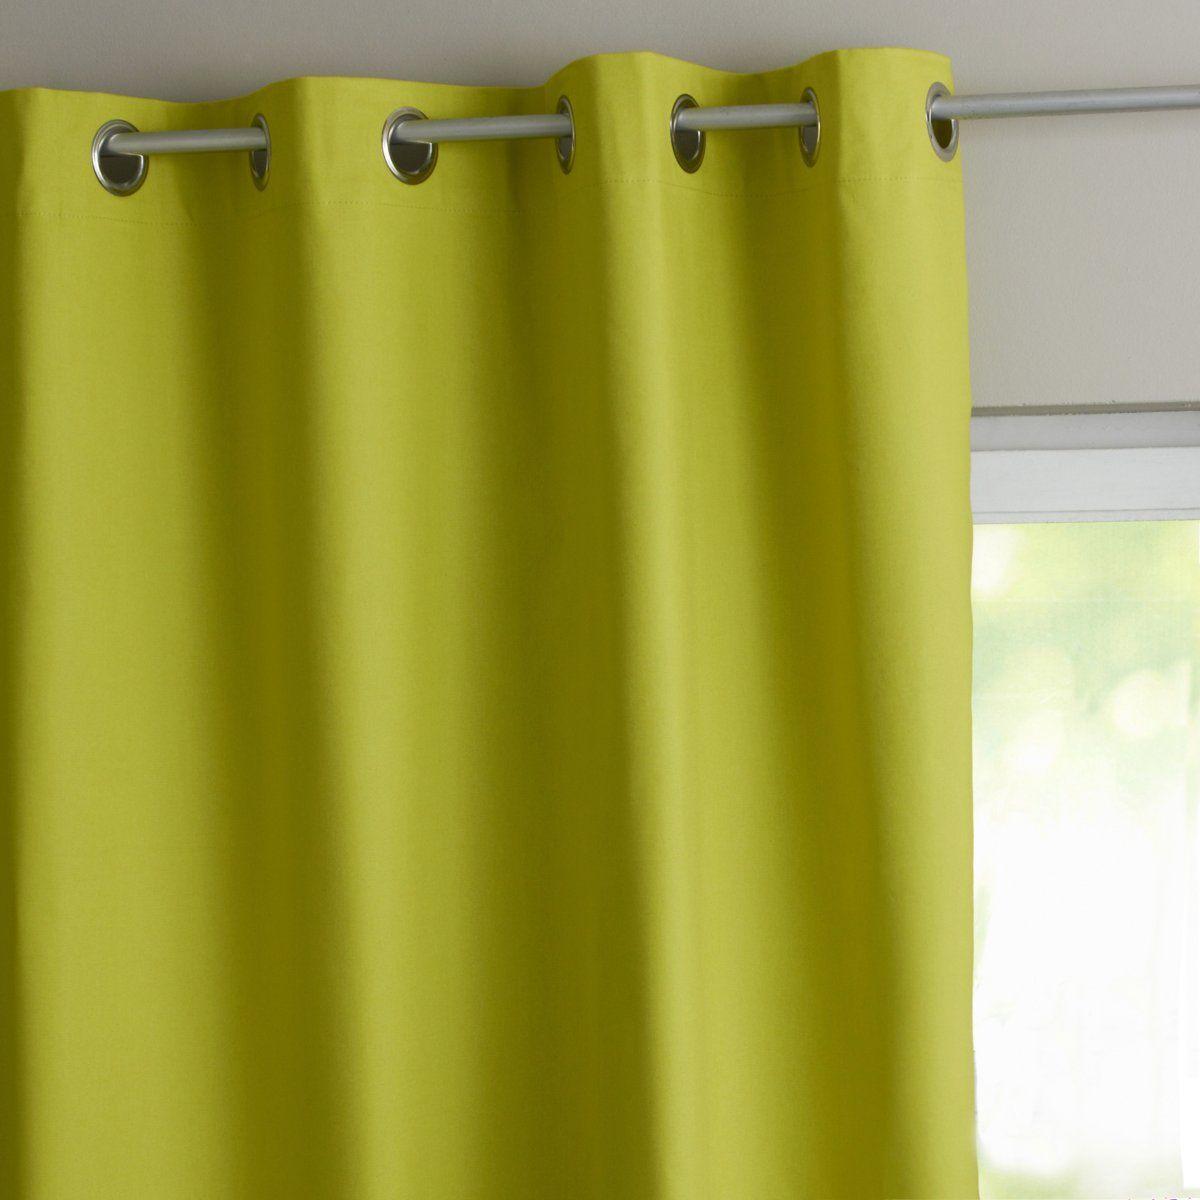 les rideaux vert anis rideau vert